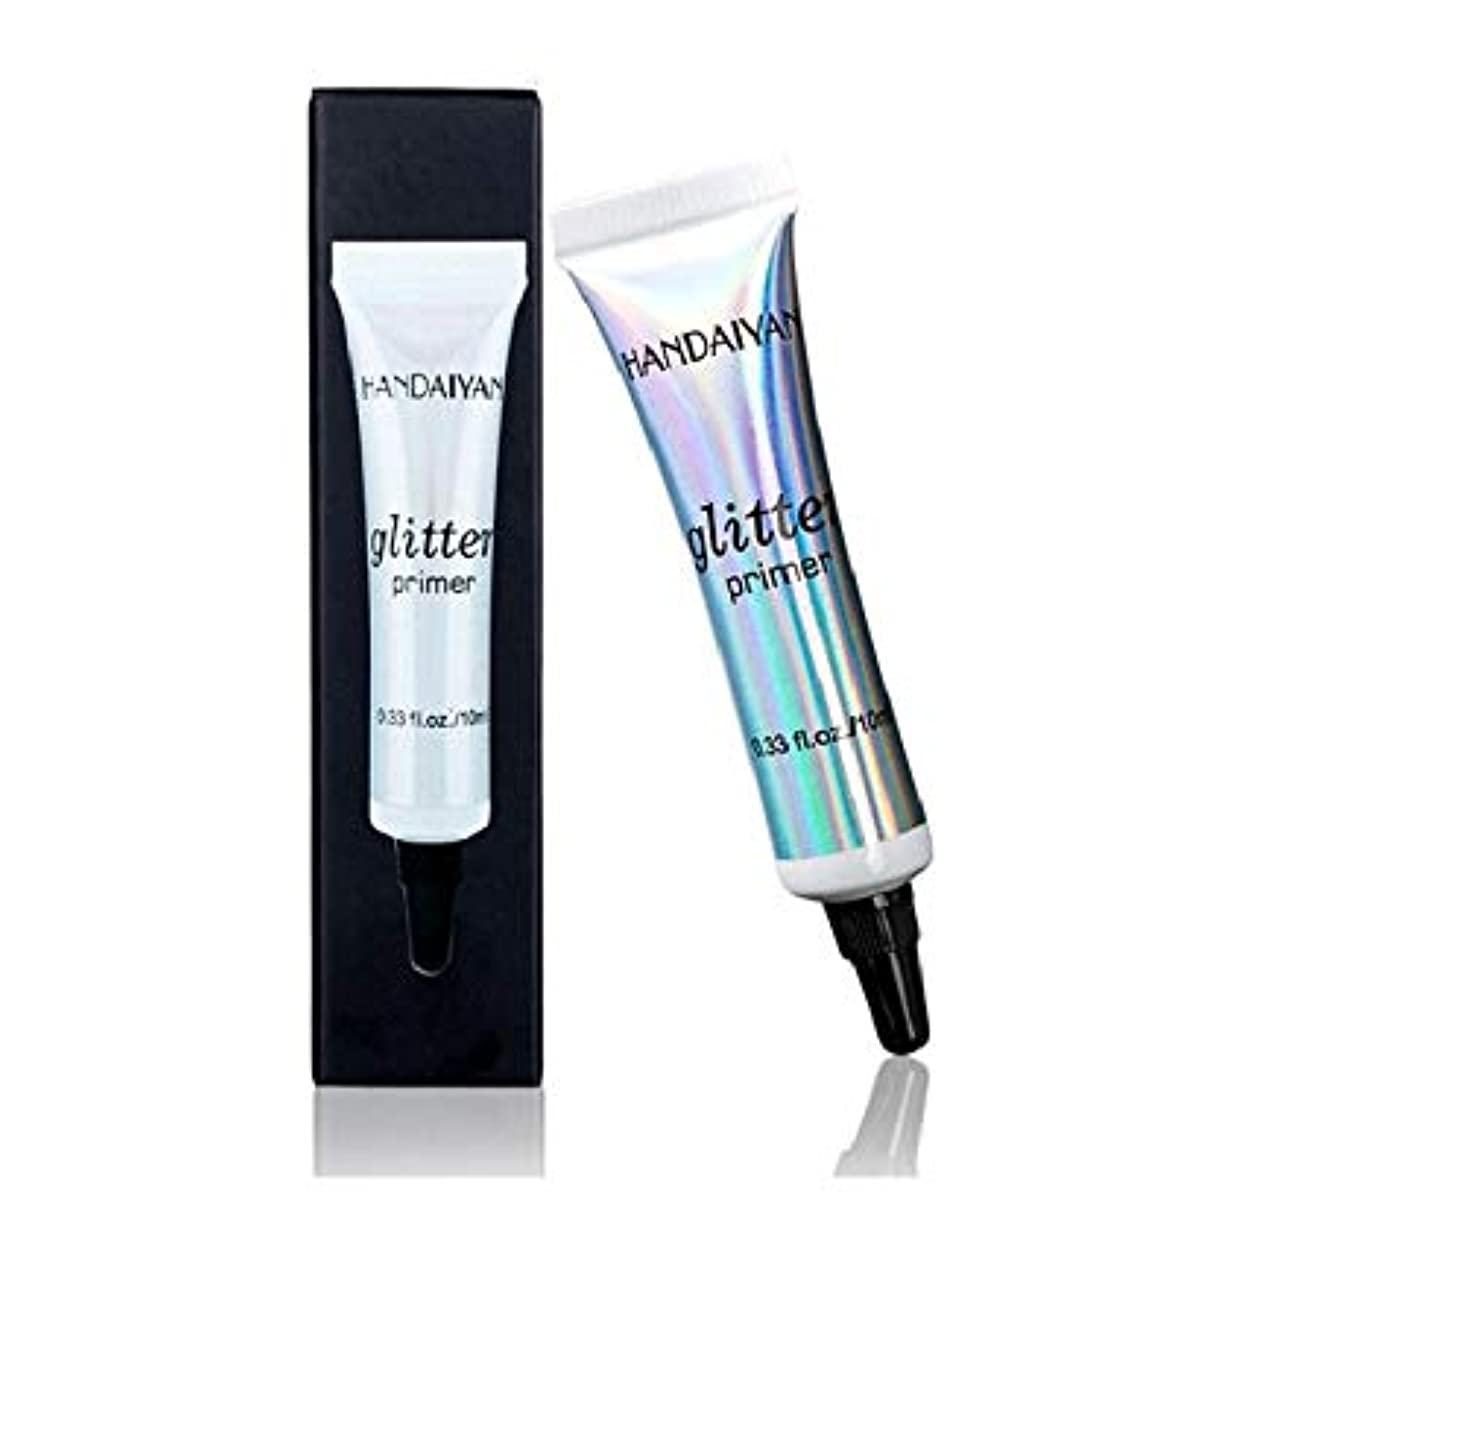 国歩き回る魔女アイシャドウSequin Glitter Eye Shadow Fashion Face Lip Eye Makeup Primer Cream Women Universal Makeup Cosmetic